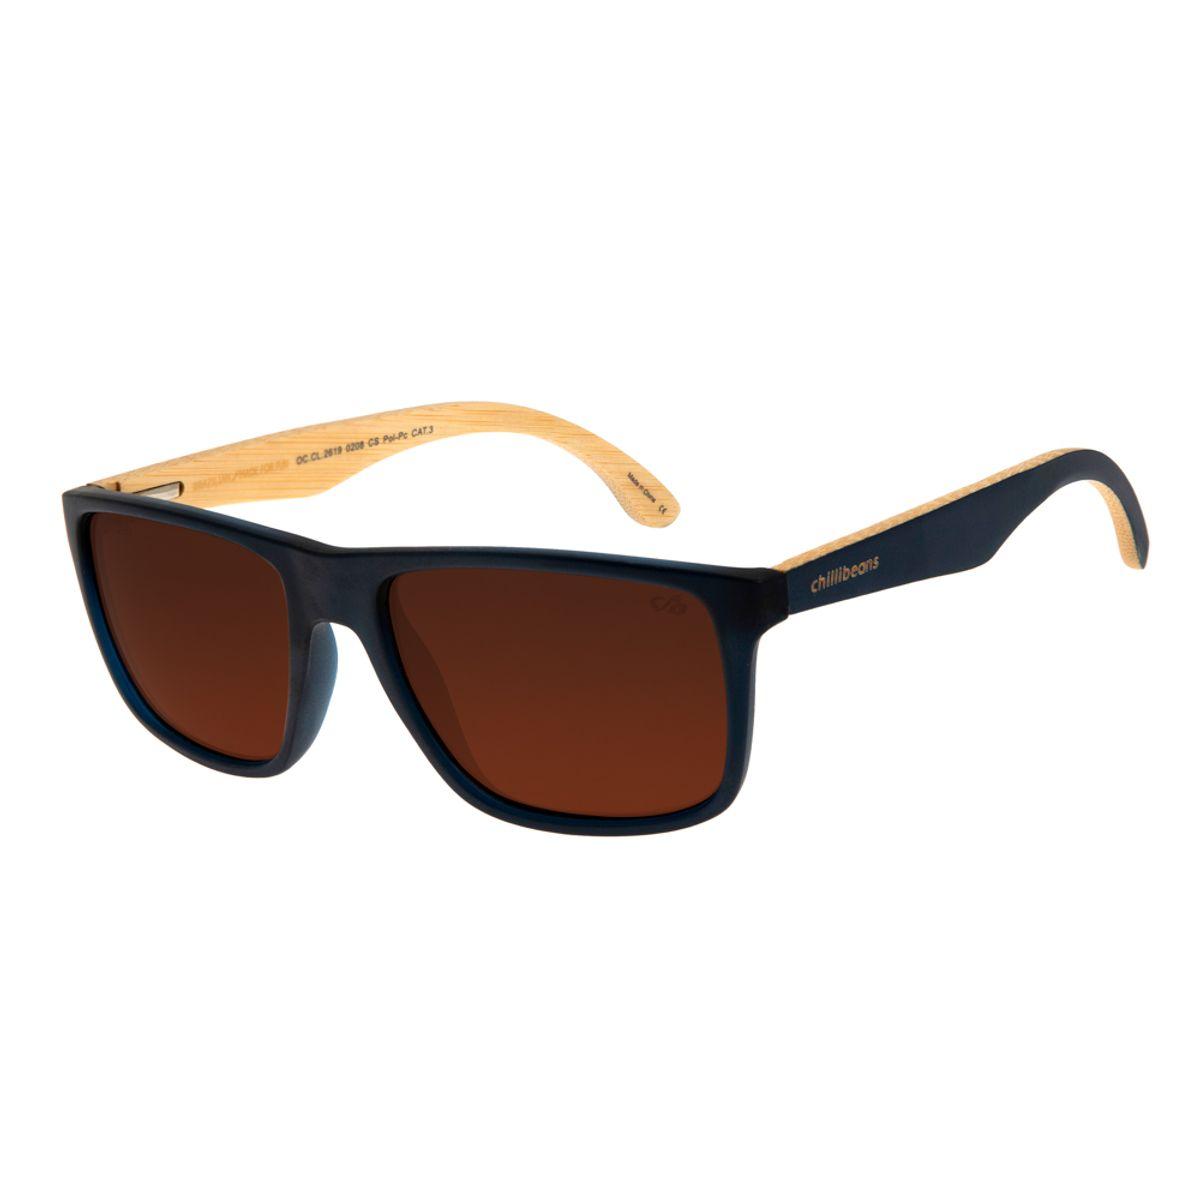 00c162506 Óculos de Sol Chilli Beans Masculino Bamboo Polarizado Azul 2619 ...